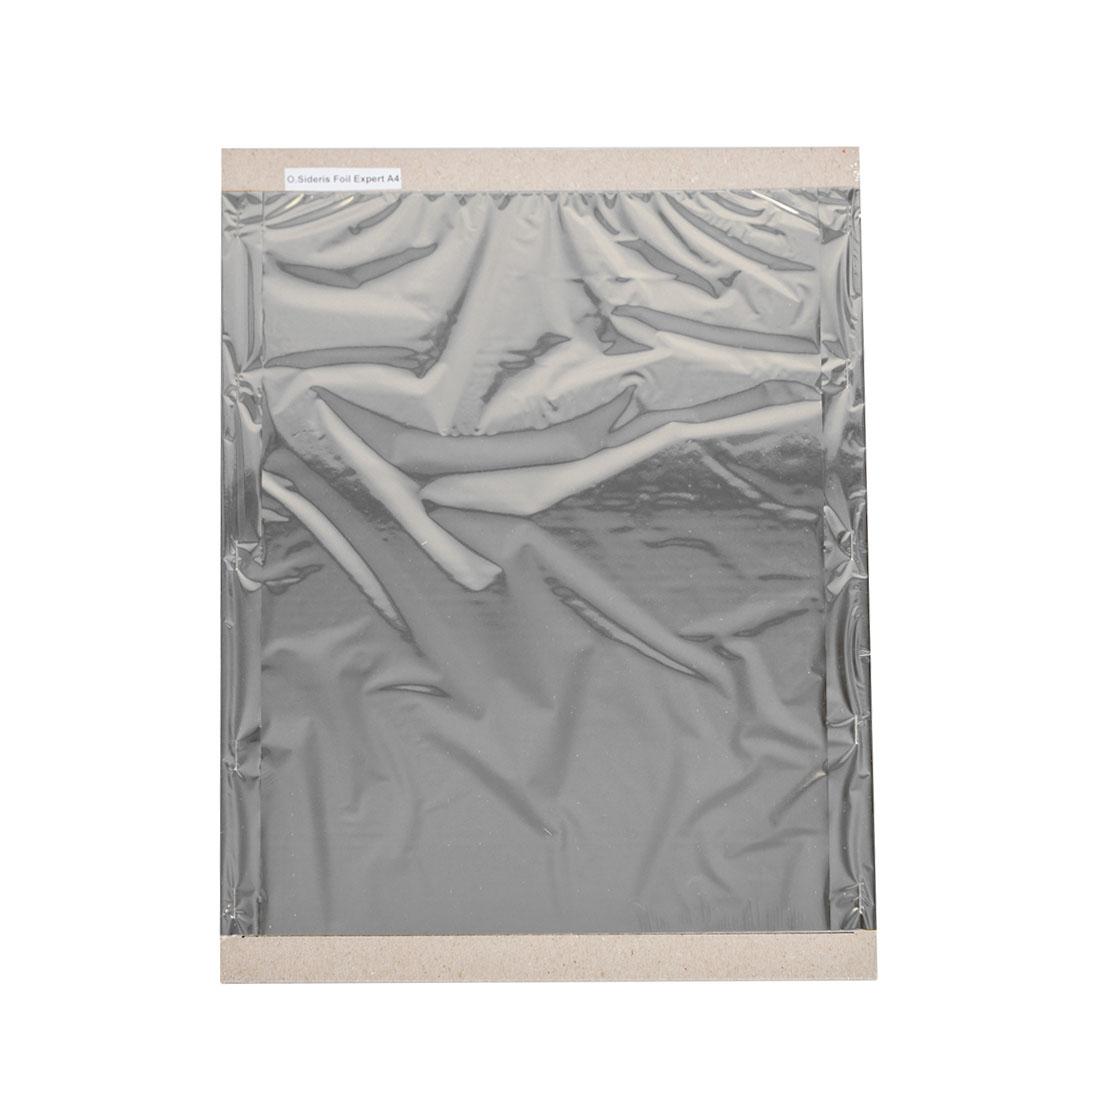 Folia do złoceń, nabłyszczeń w arkuszach - O.FOIL SIDERIS Expert - A4 (297 x 210 mm) - srebrny - 200 arkuszy